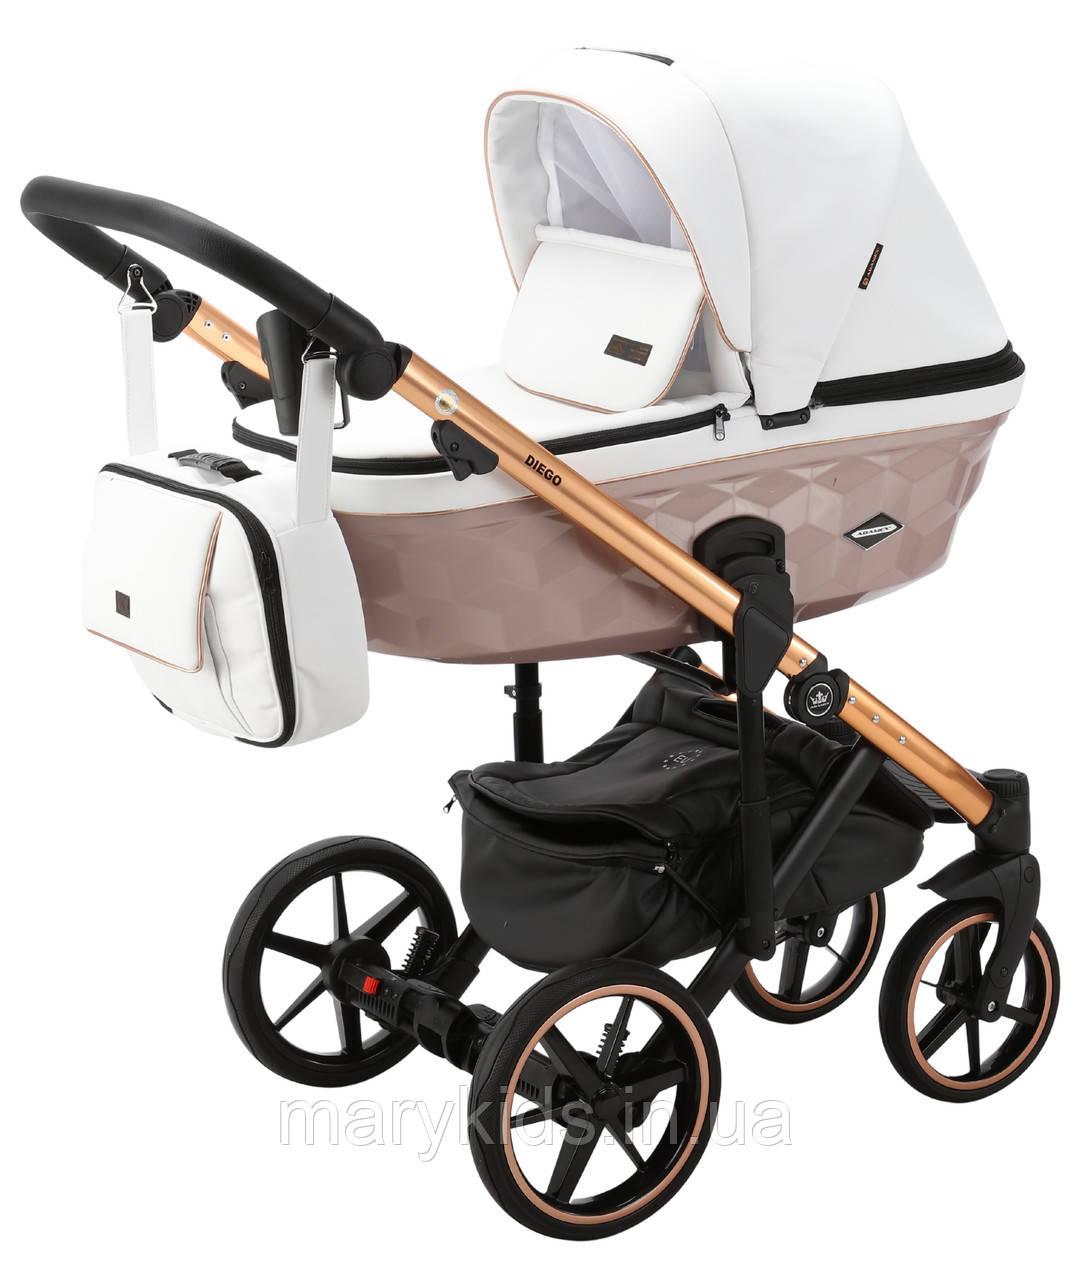 Детская универсальная коляска 2 в 1 Adamex Diego STAR-106